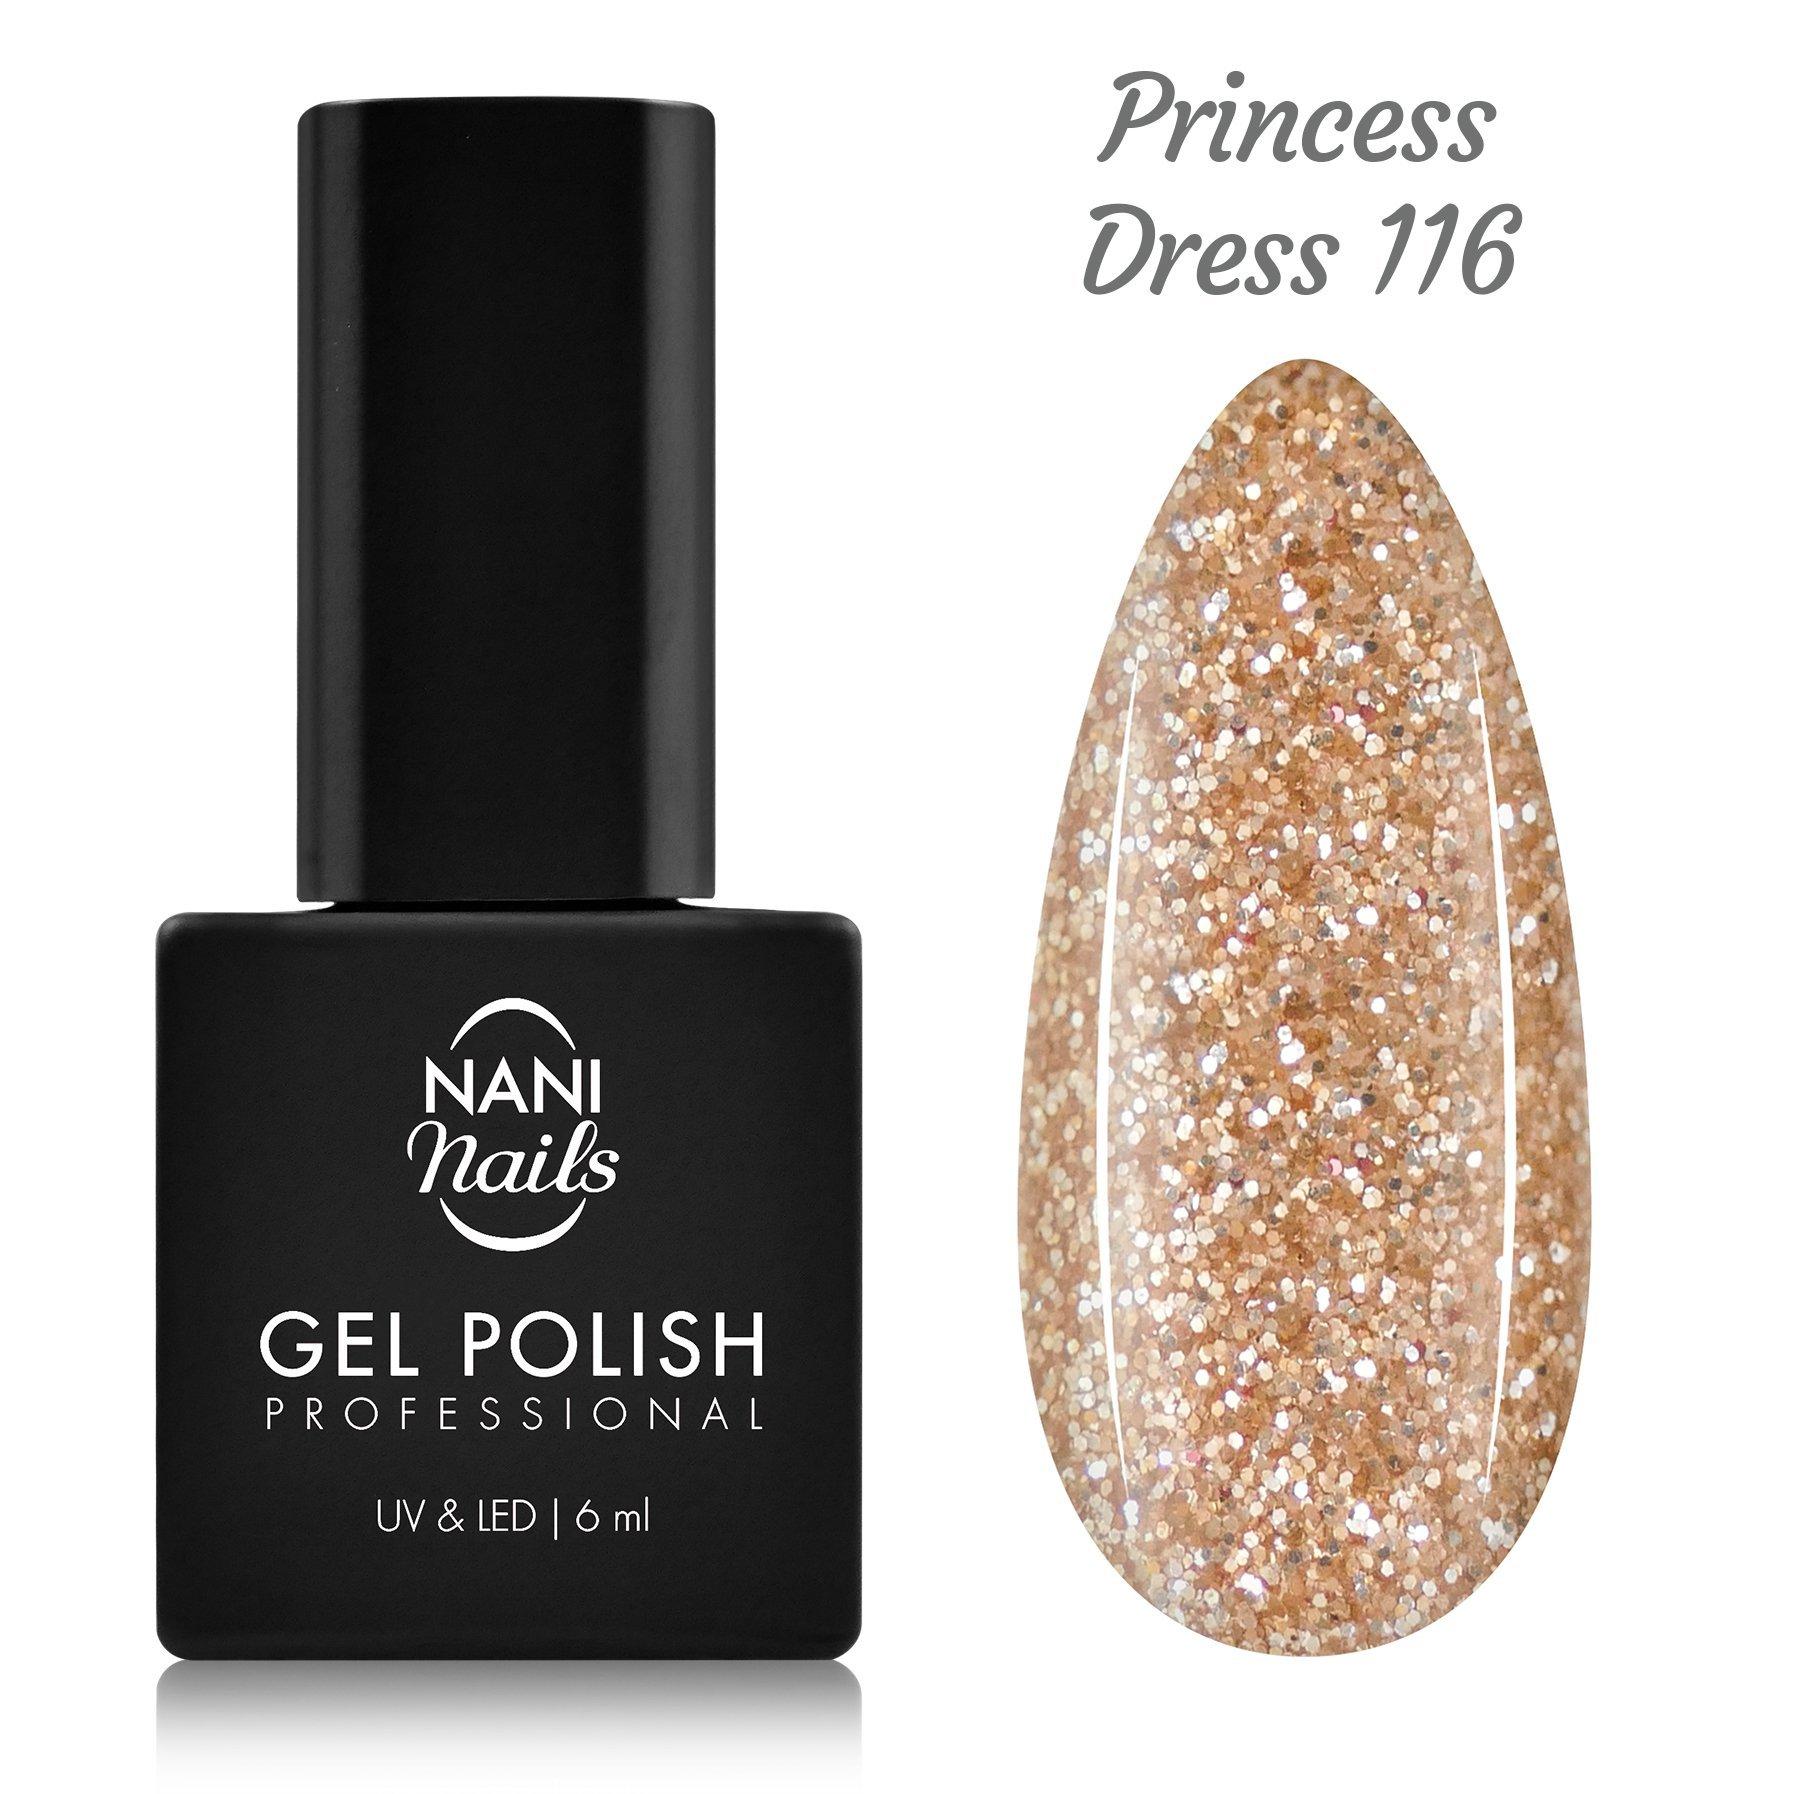 NANI gél lak 6 ml - Princess Dress